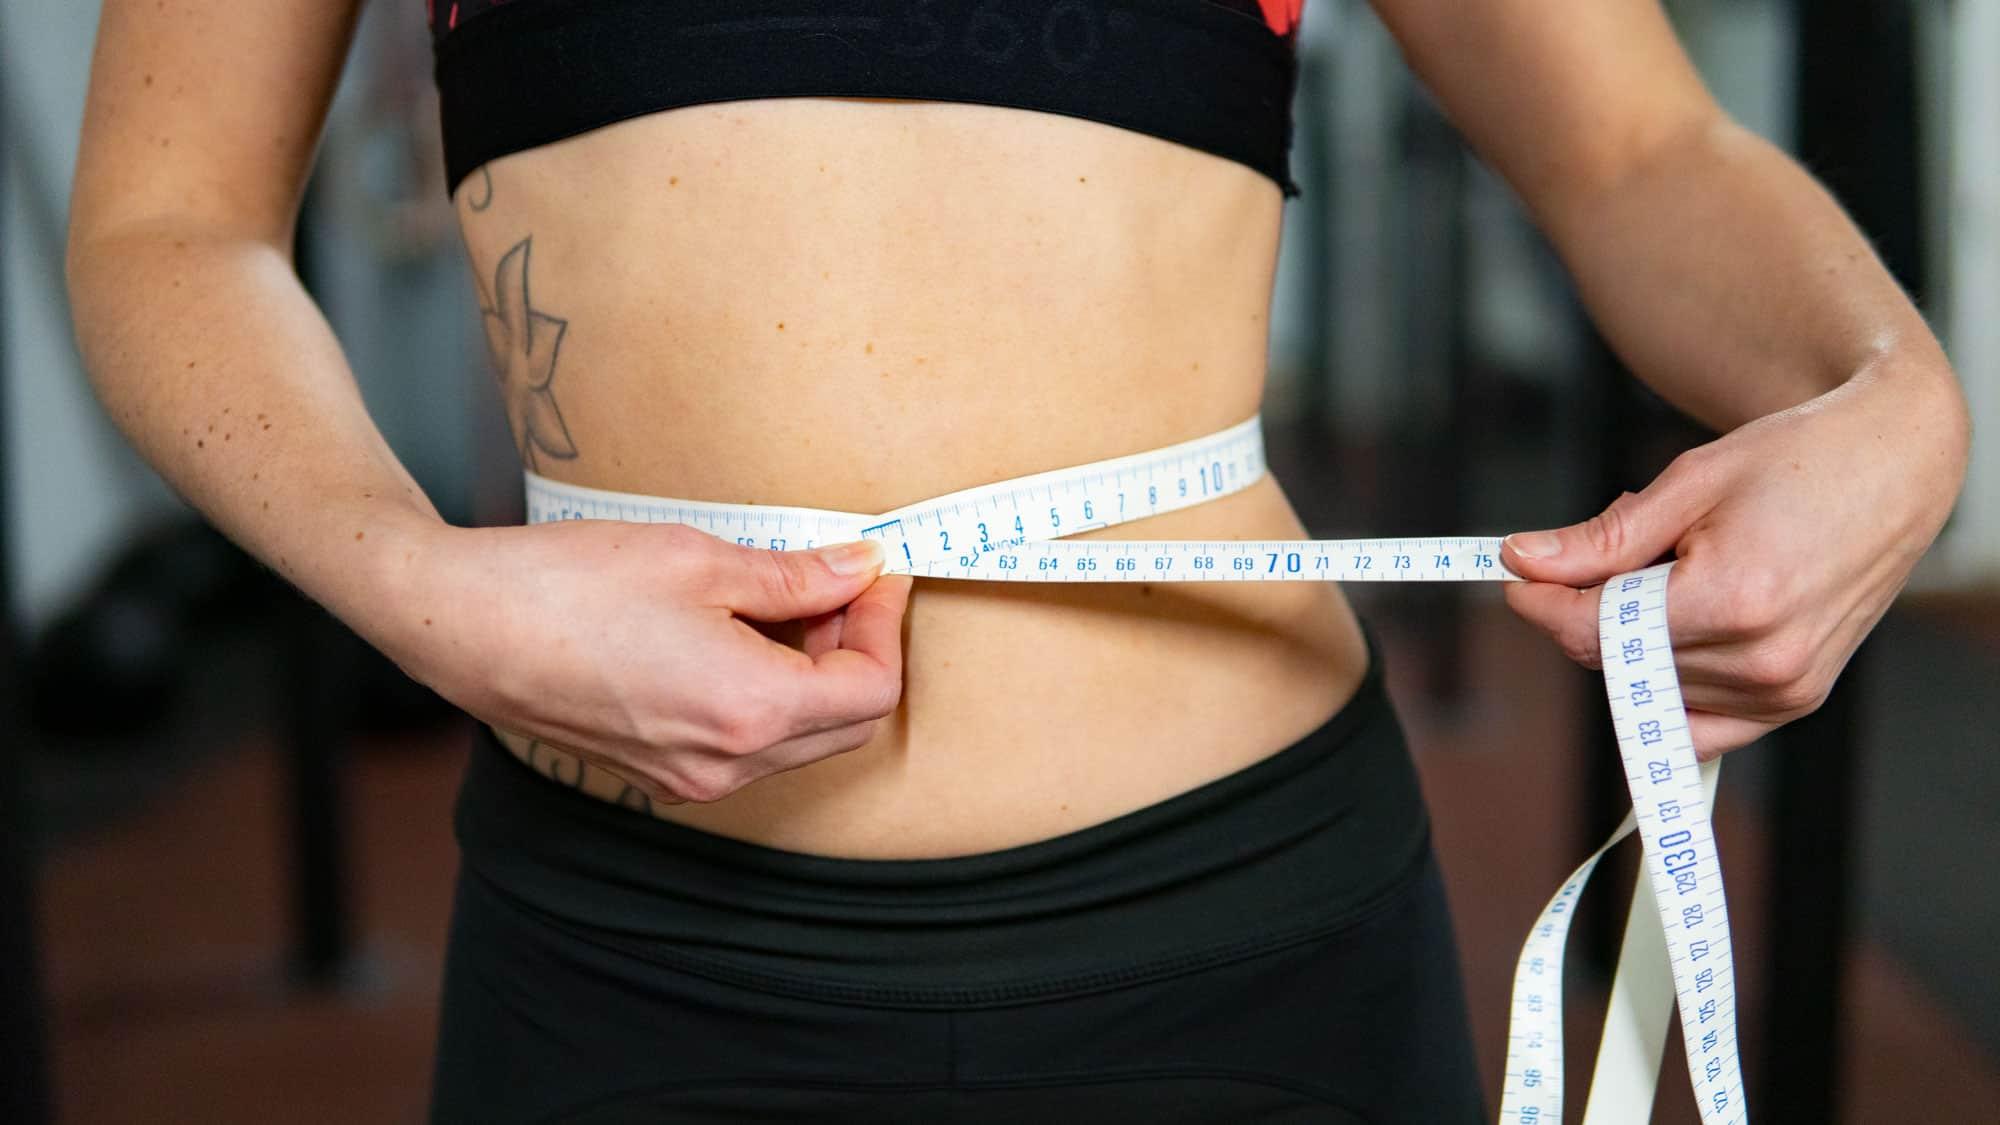 Pourquoi je ne perds pas de poids ? Les grandes clefs en 6 questions